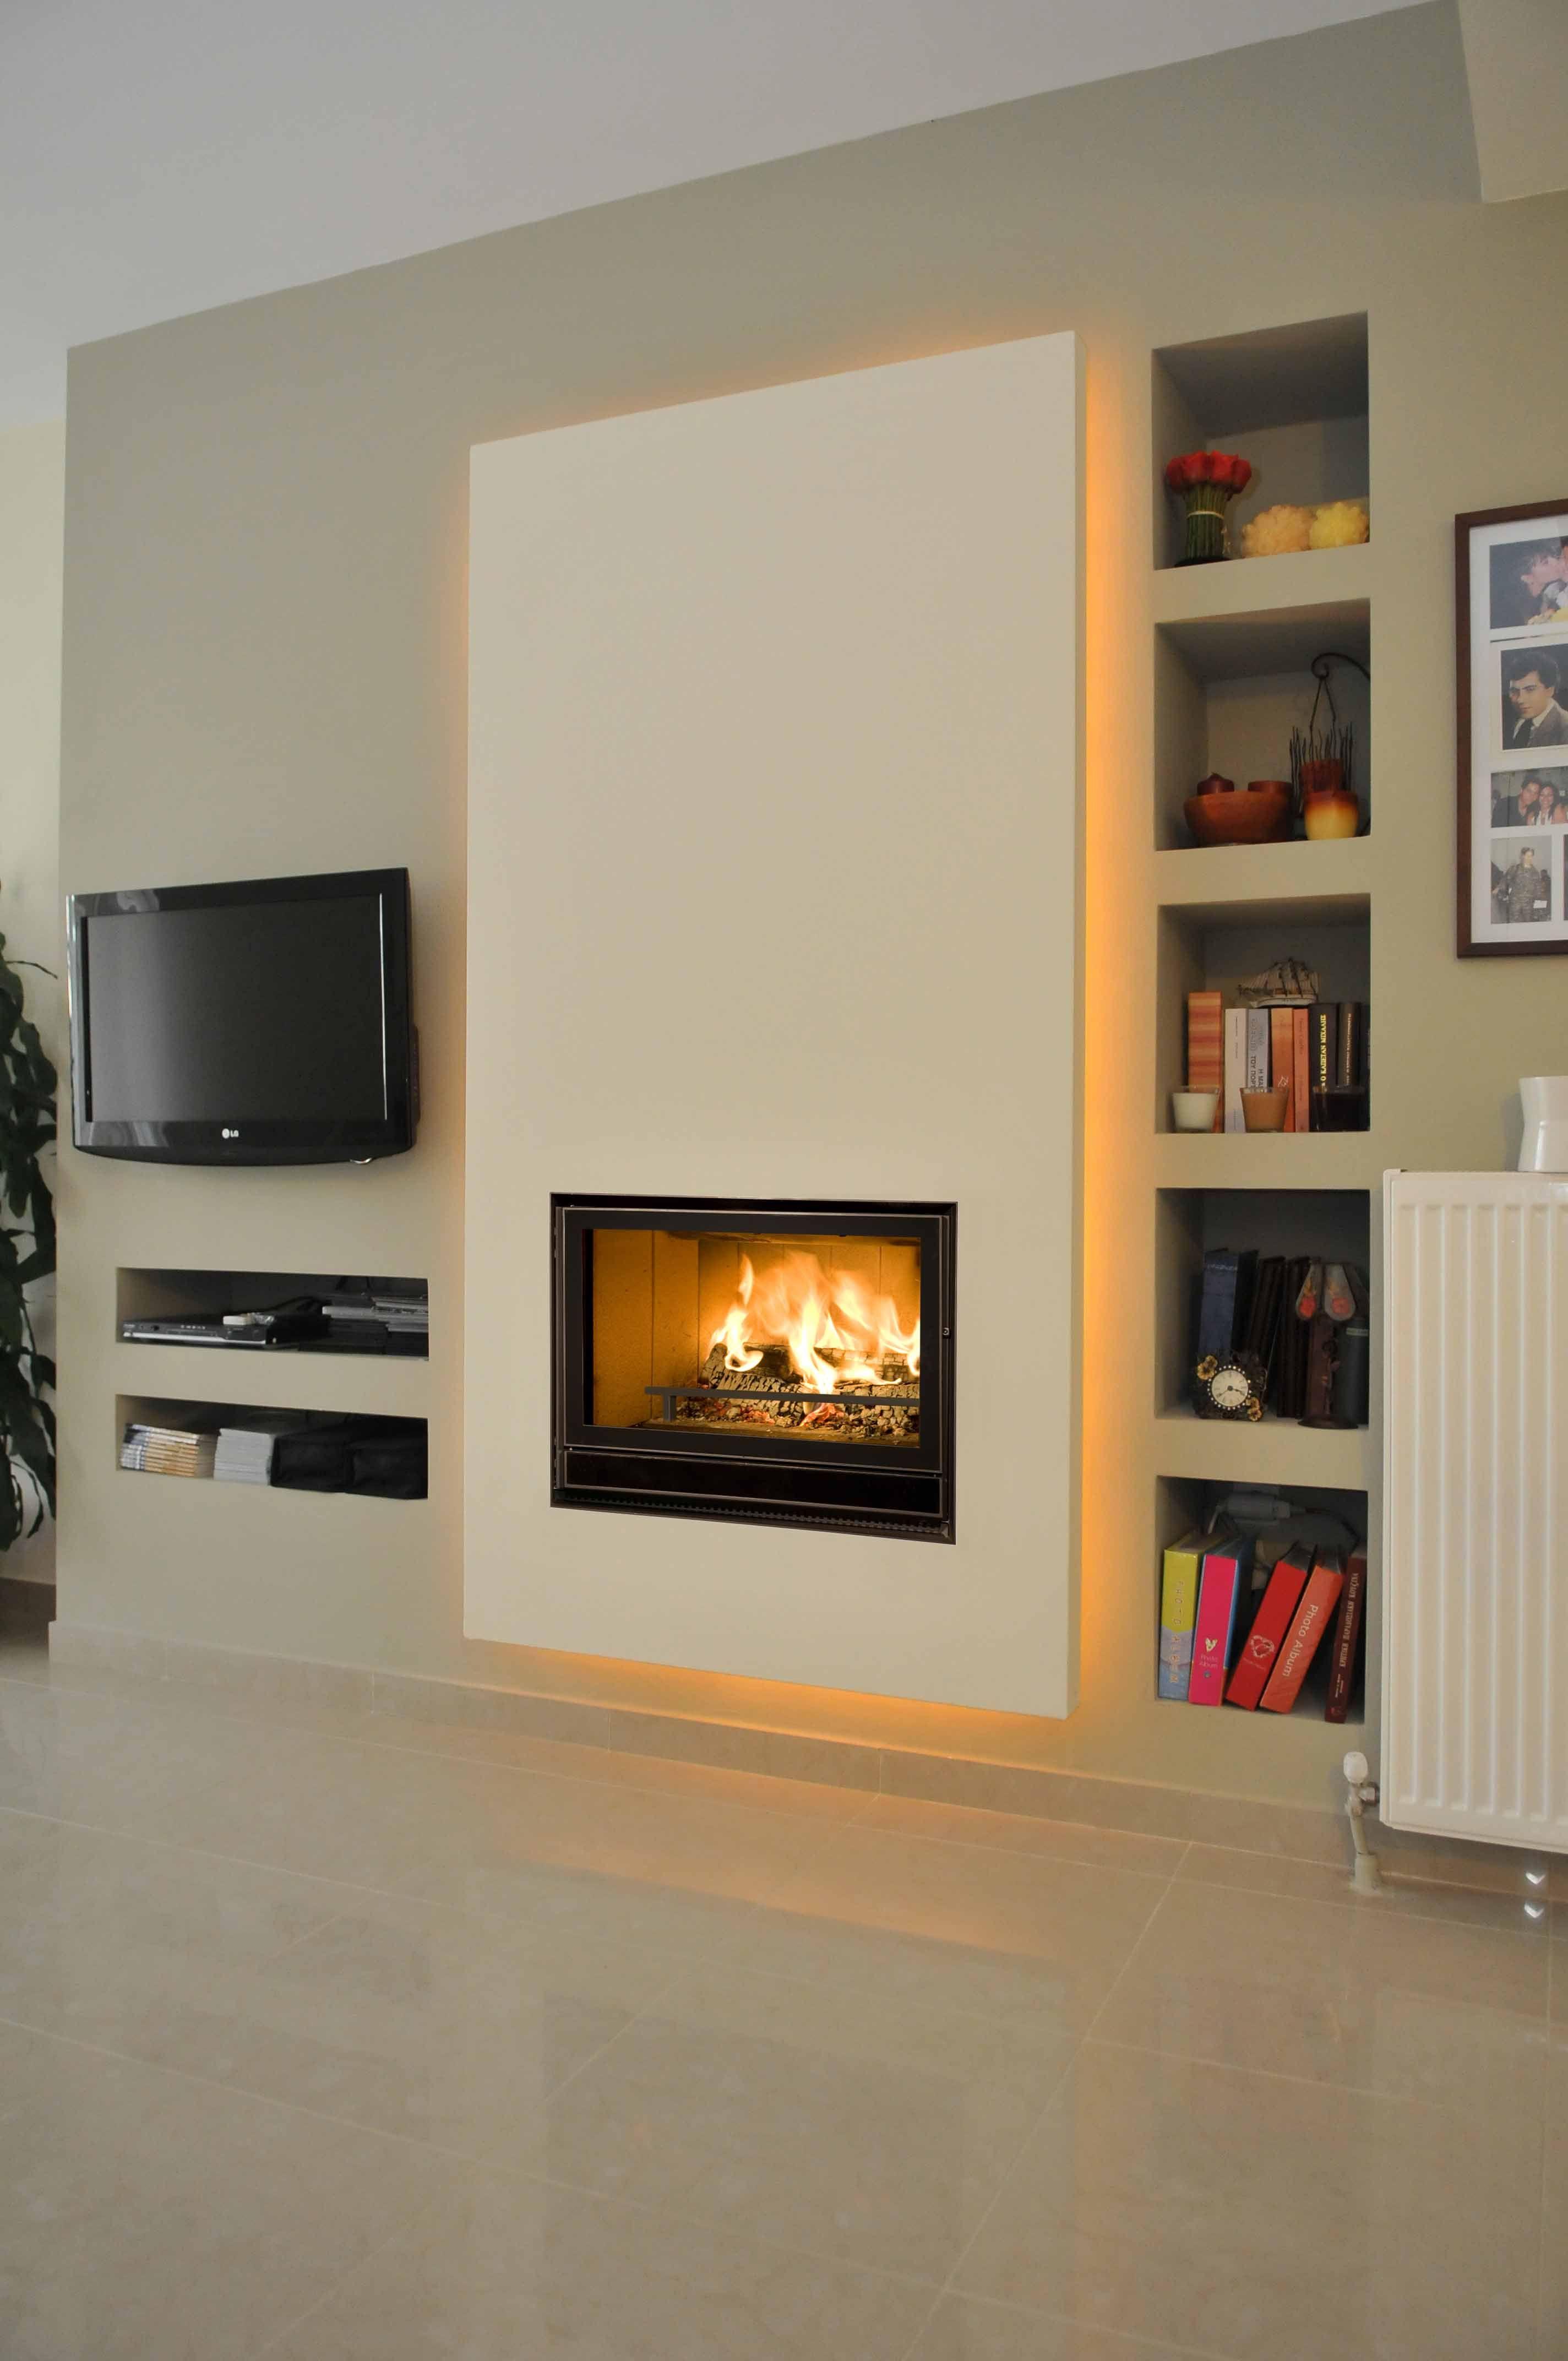 chemin e bois infire 800 green bodart et gonay cheminees pinterest chemin e bois. Black Bedroom Furniture Sets. Home Design Ideas